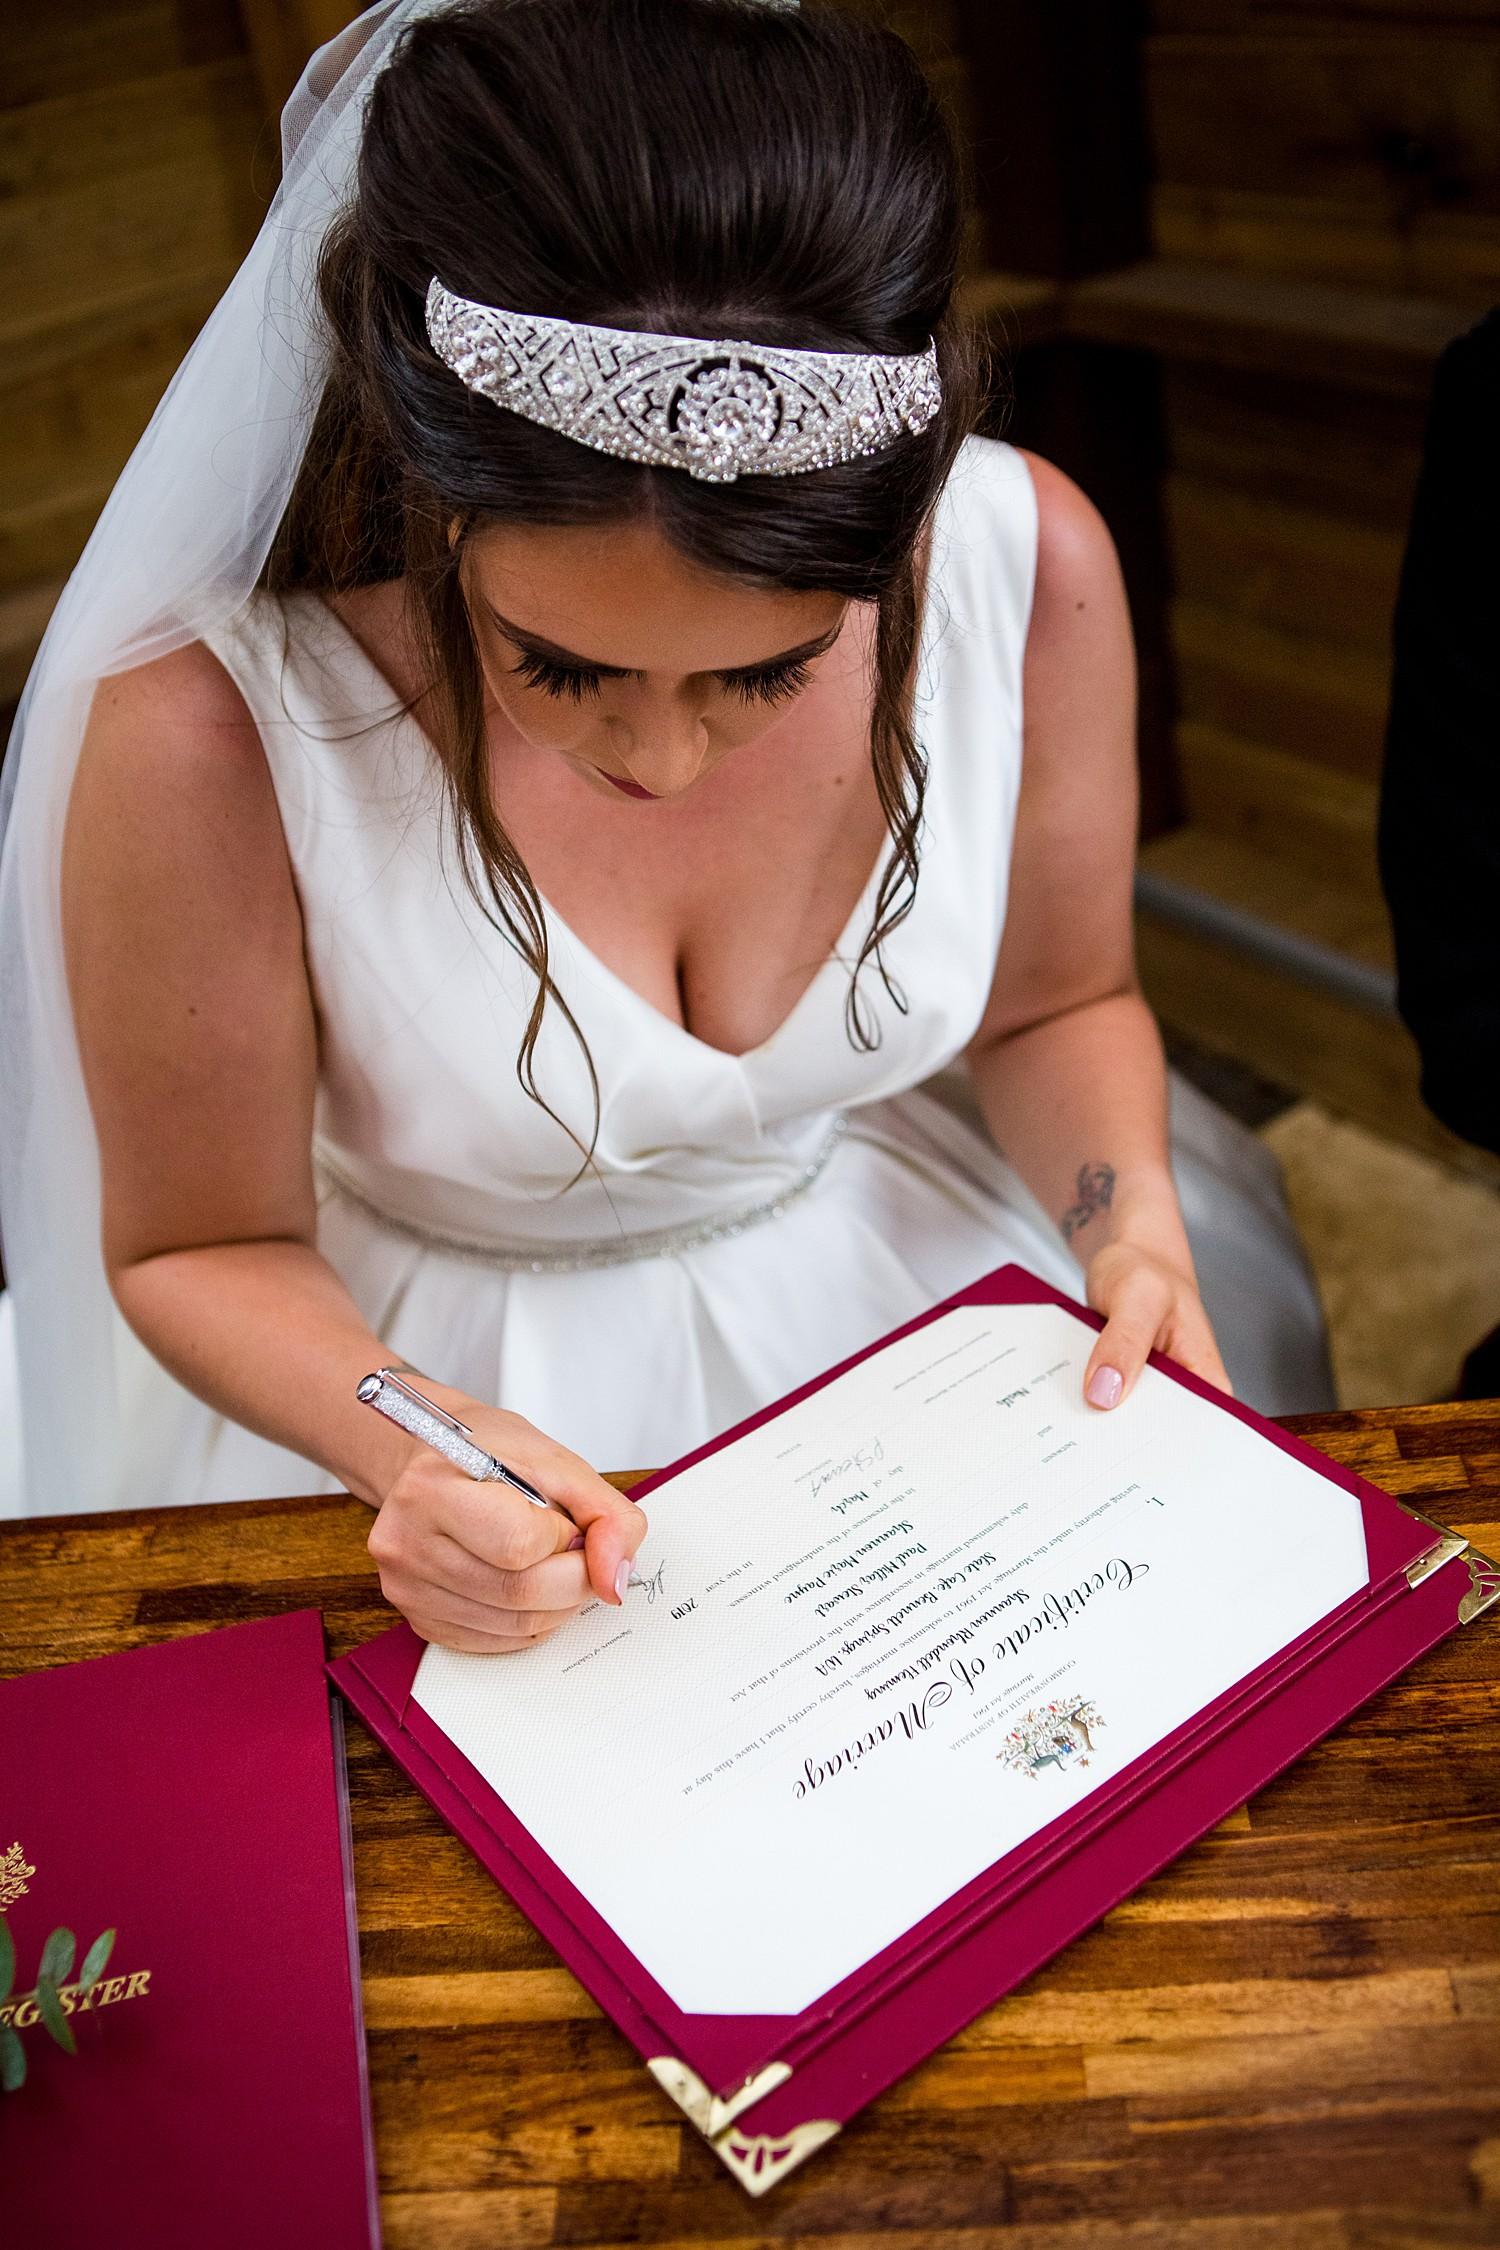 perth_swan_valley_scottish_rainy_wedding_0059.jpg